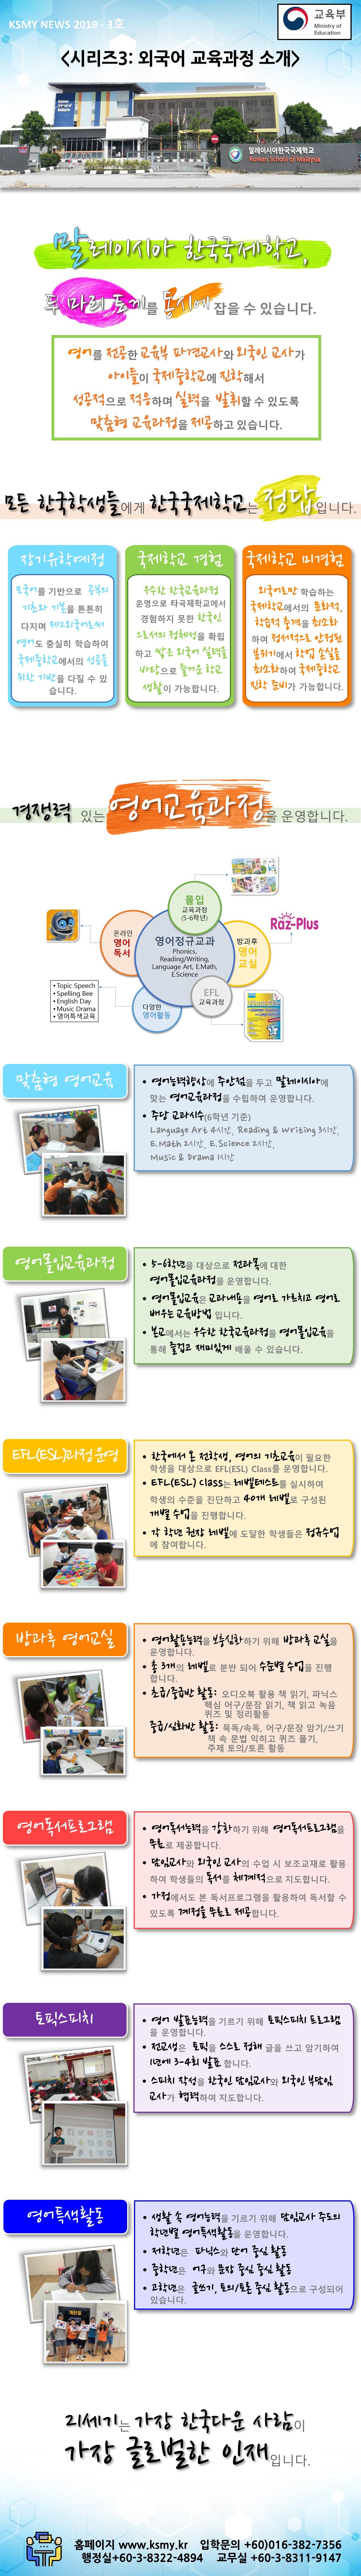 초등 외국어교육과정 소개 홍보6.jpg